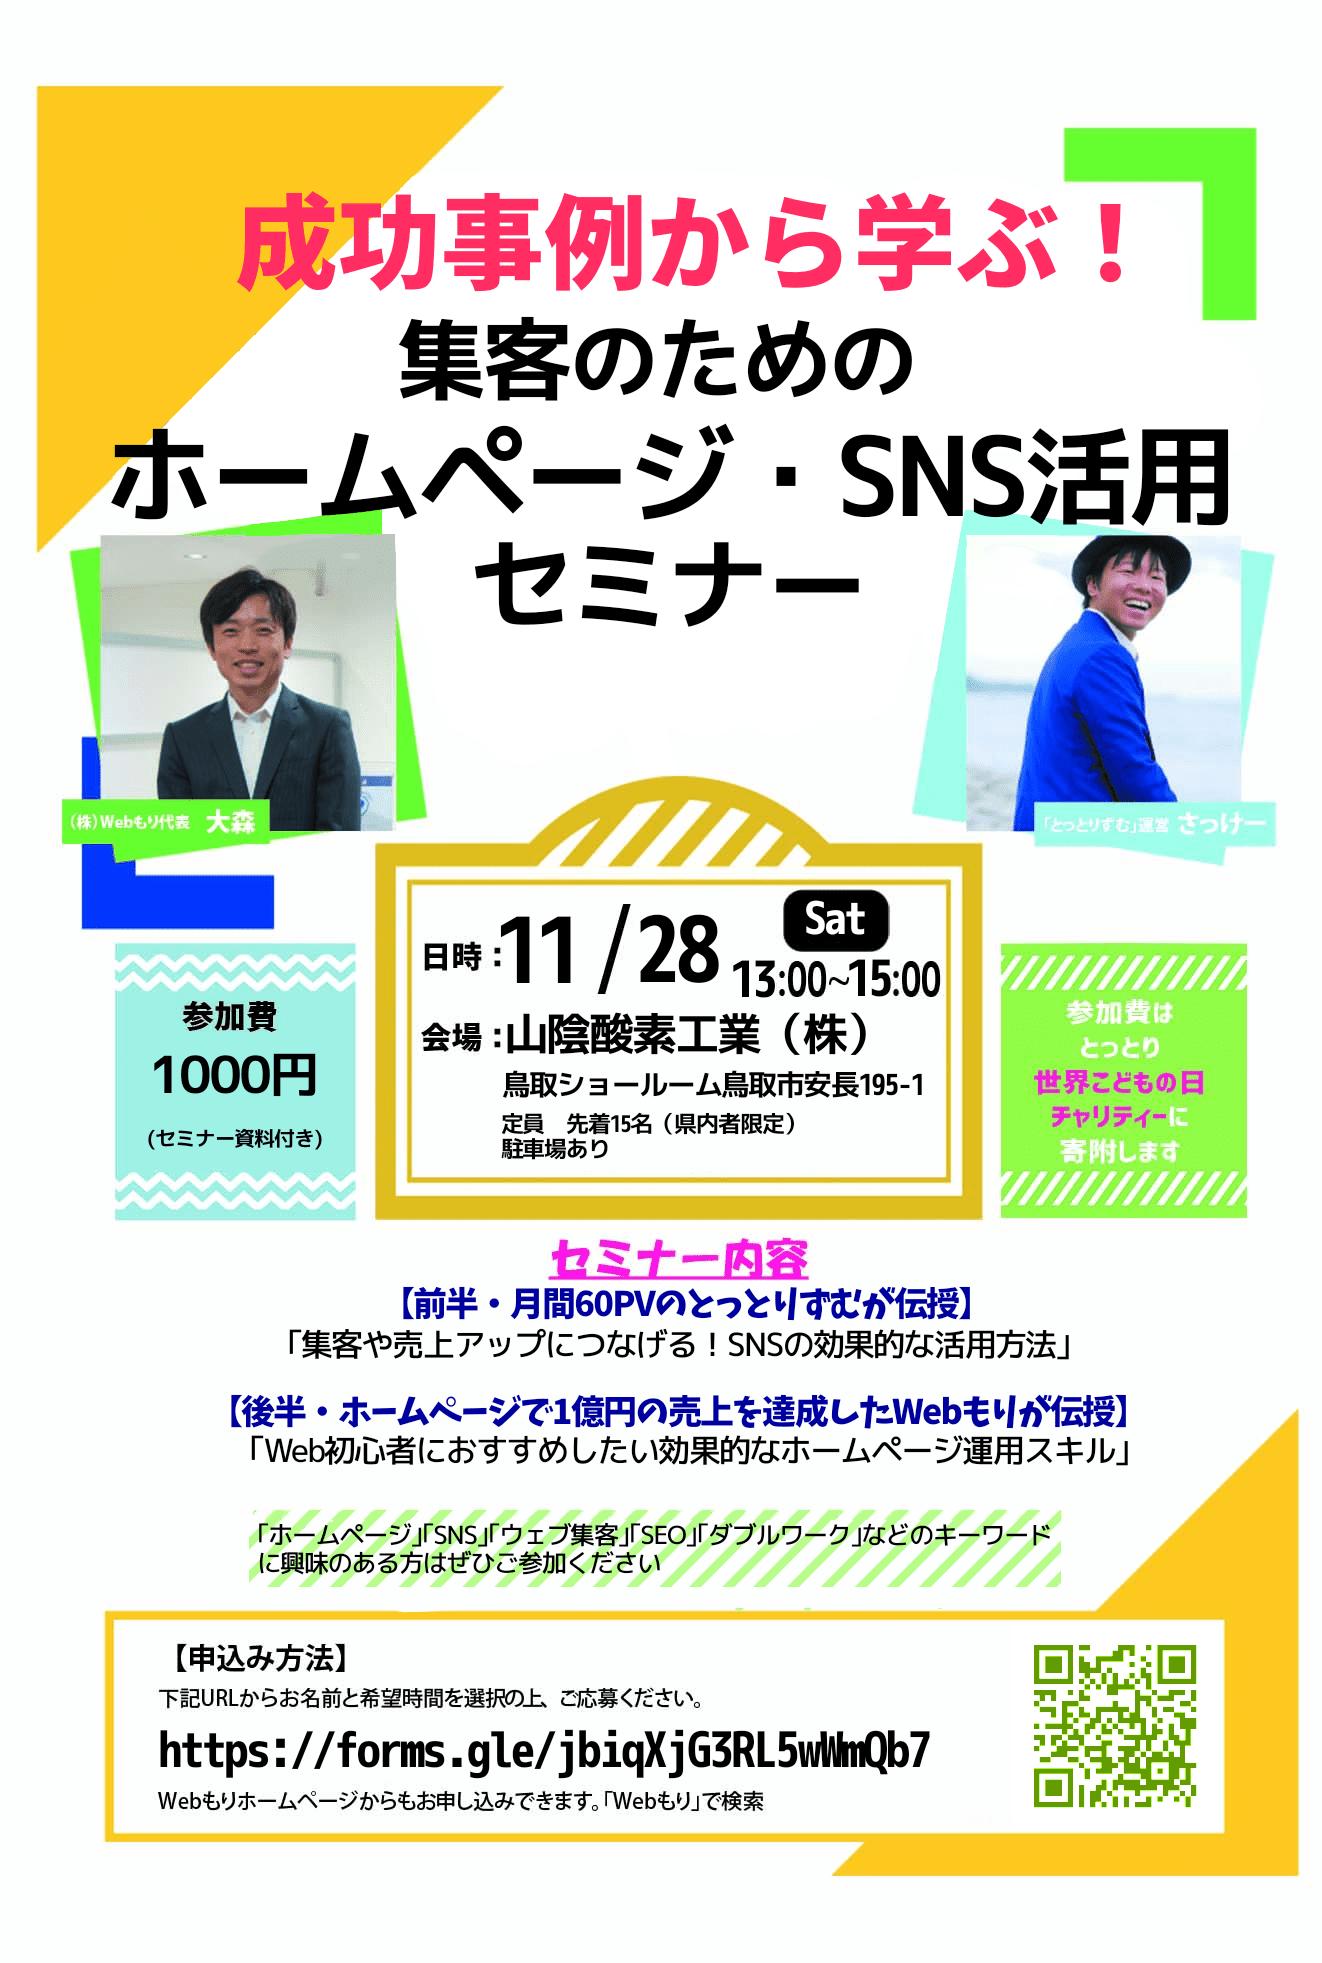 11/28(土)「成功事例から学ぶ!集客のためのホームページ・SNS活用セミナー」を開催します!